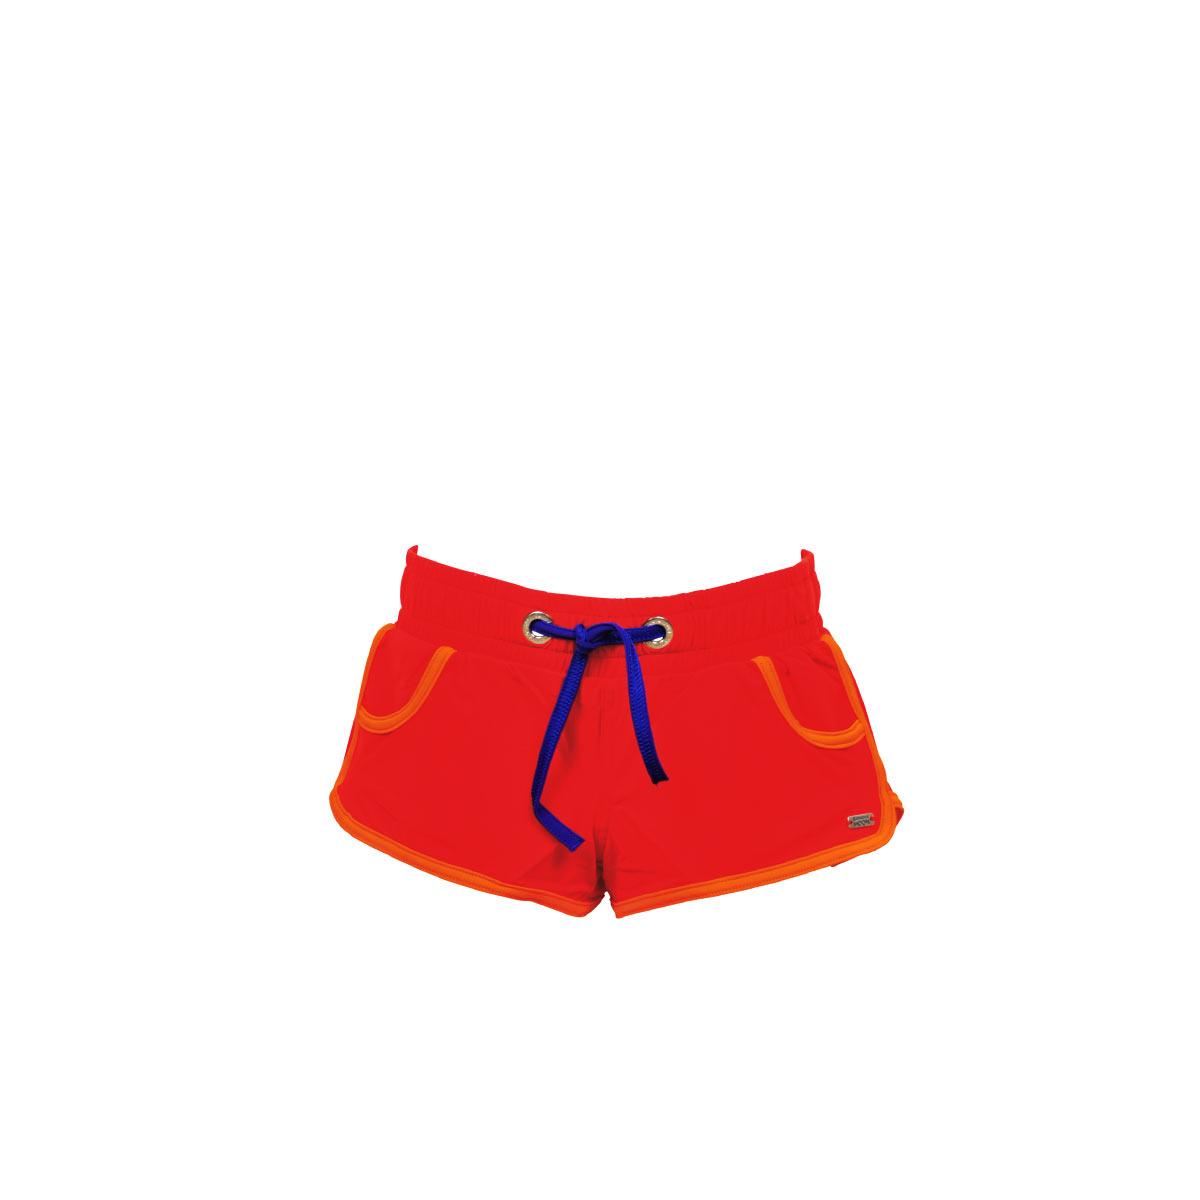 Short de plage rouge pour enfant Banana Moon Kids